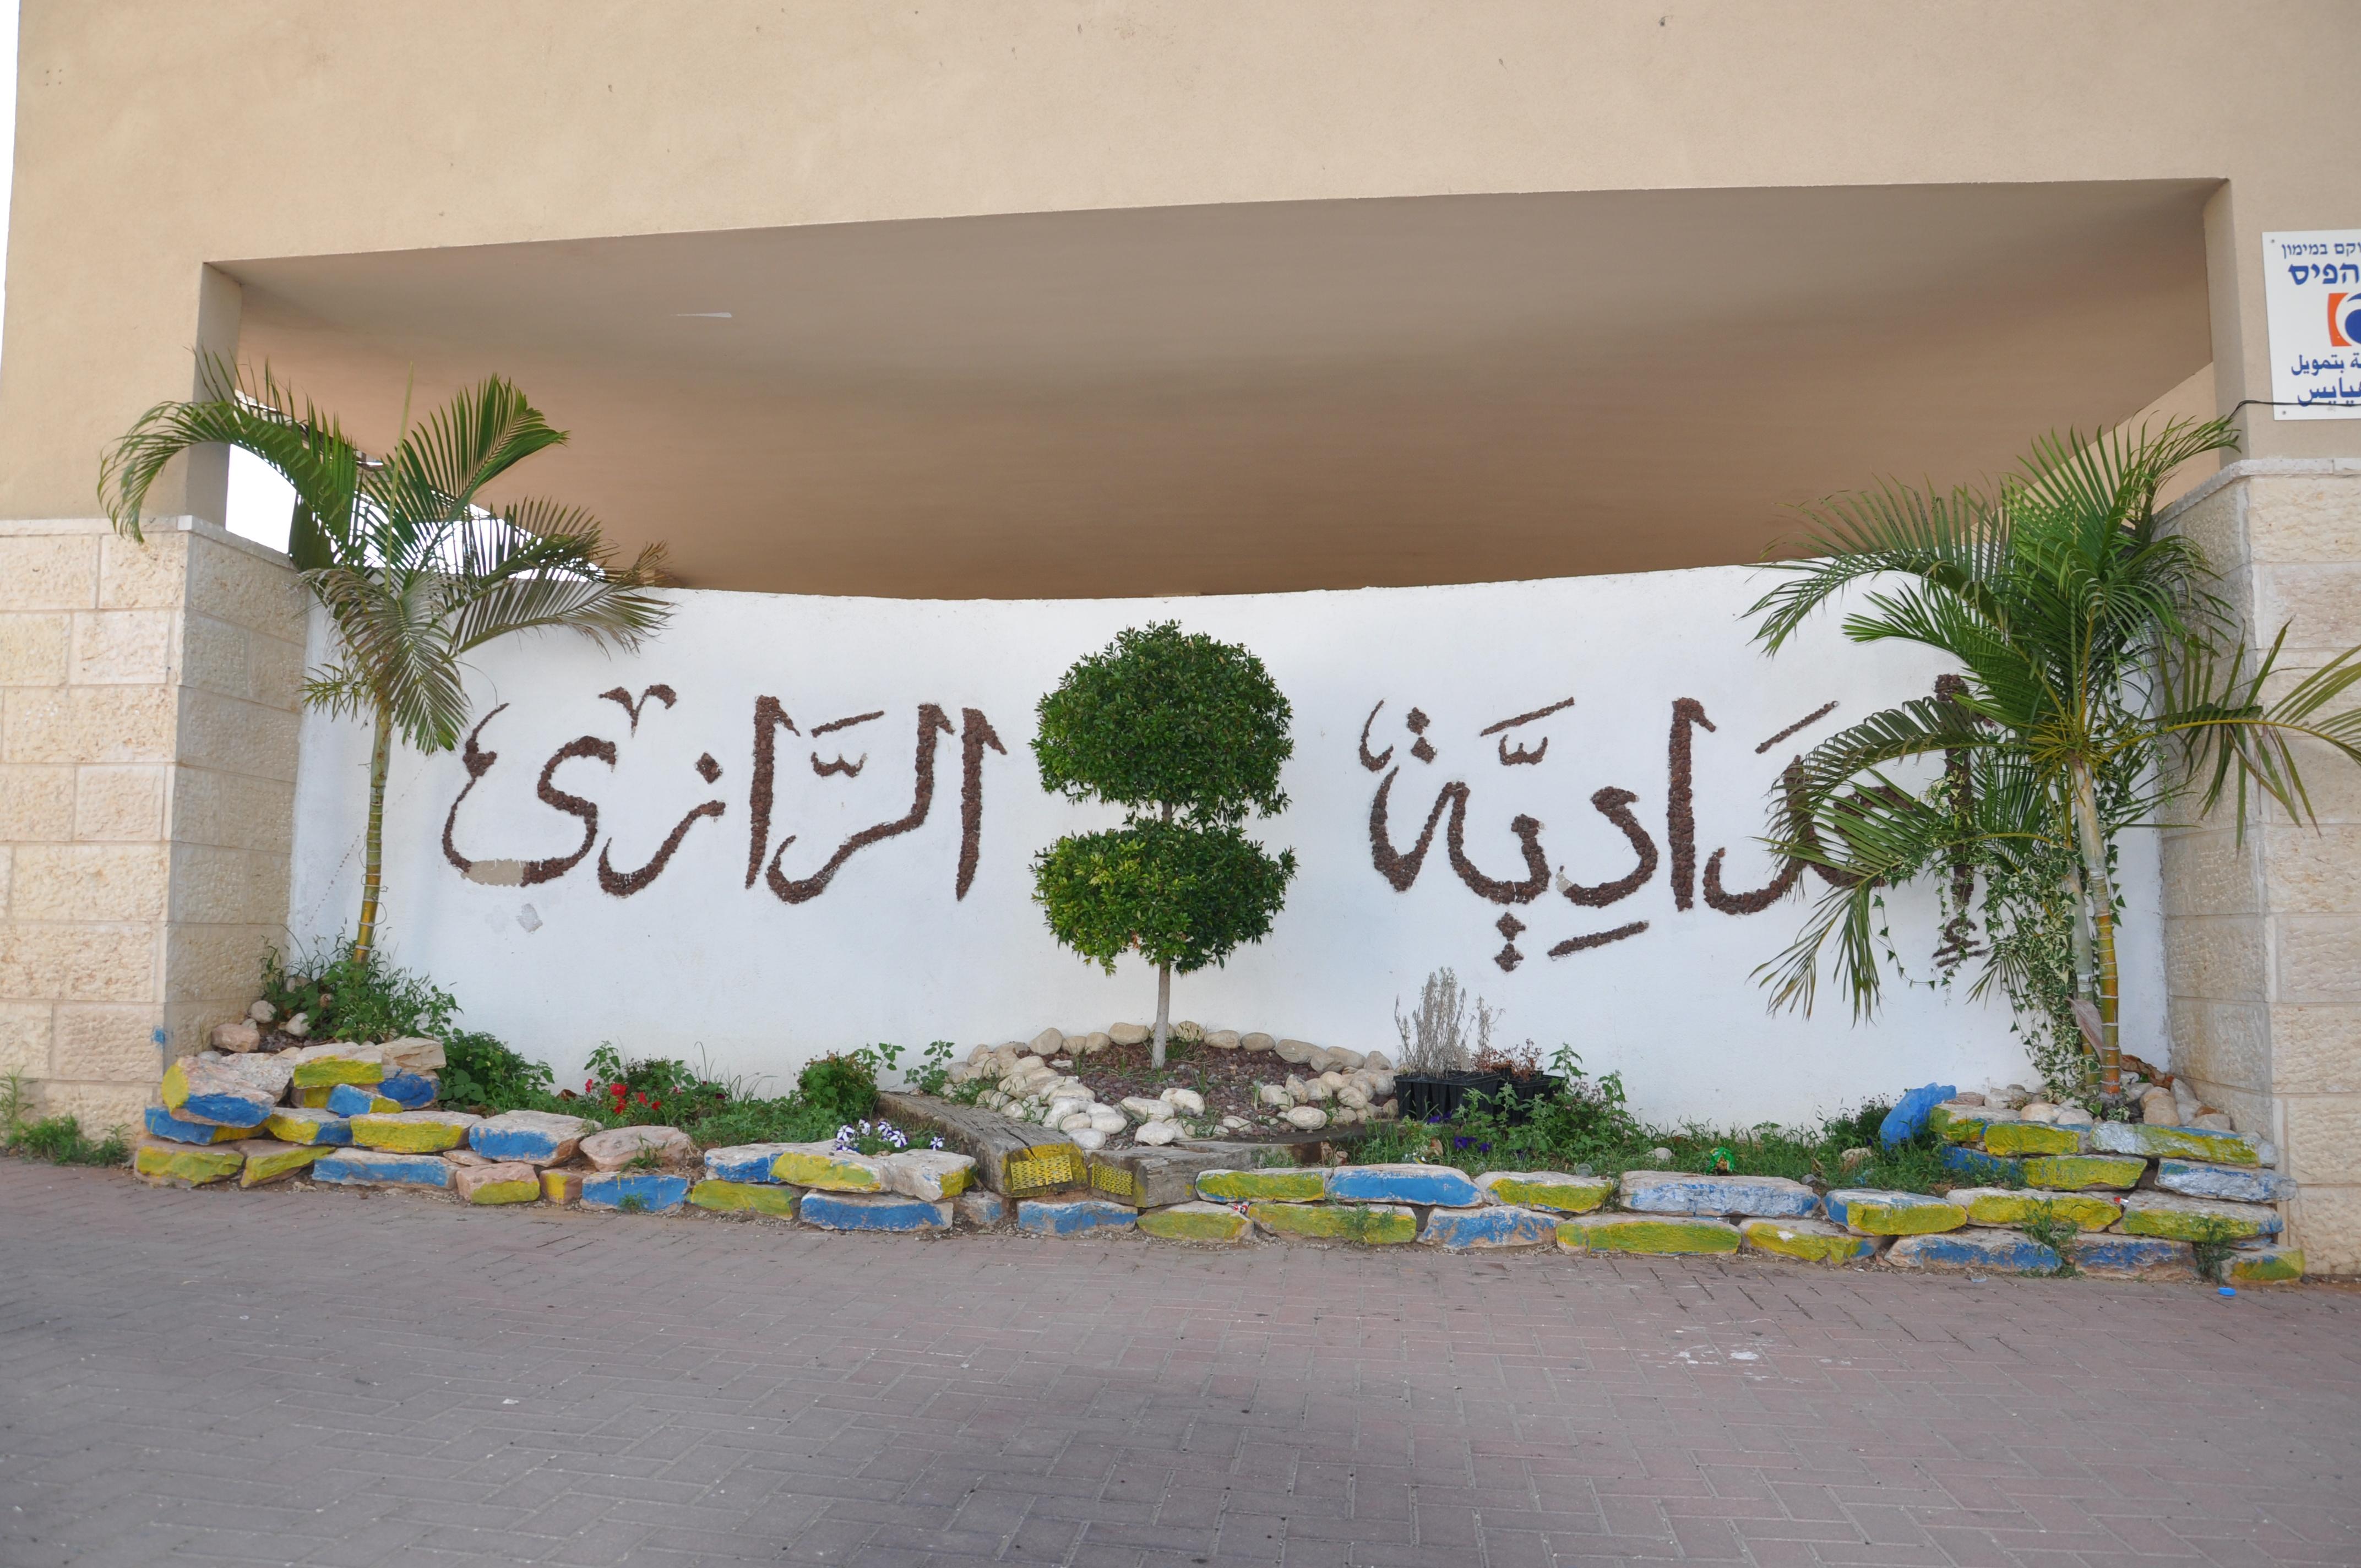 جلجولية: لجنة أولياء أمور الطلاب بإعدادية الرازي تعلن إضرابا شاملا